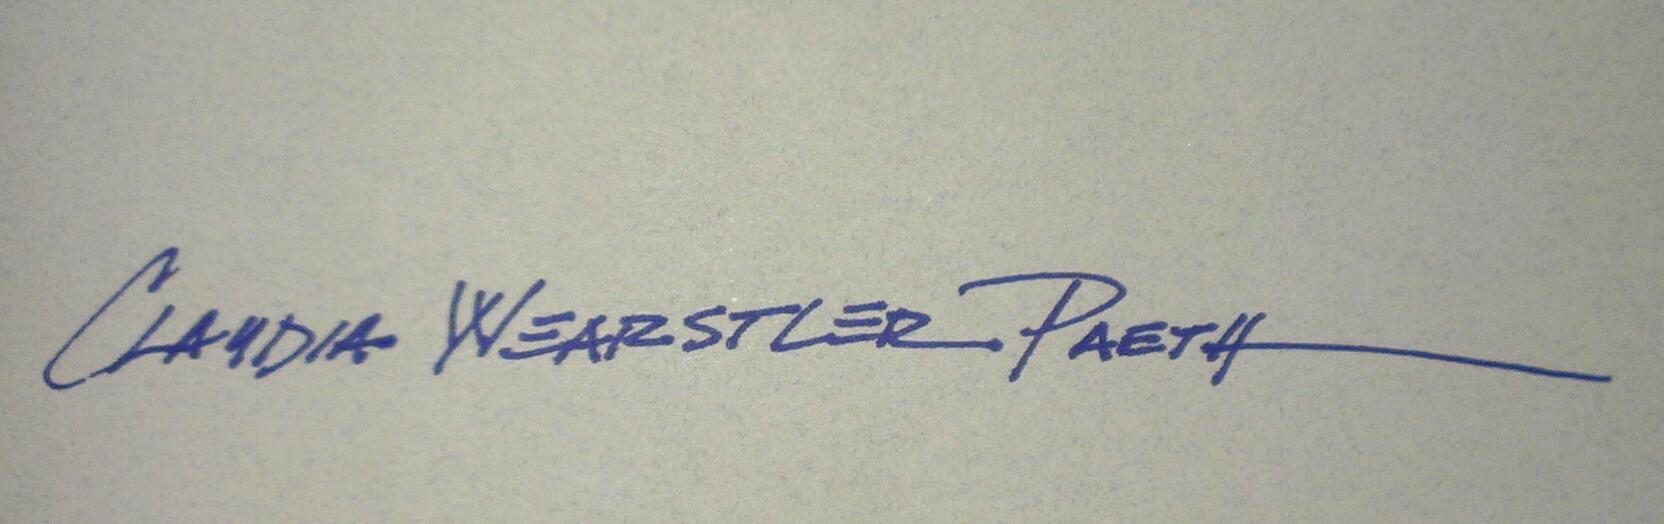 Claudia wearstler paeth Signature